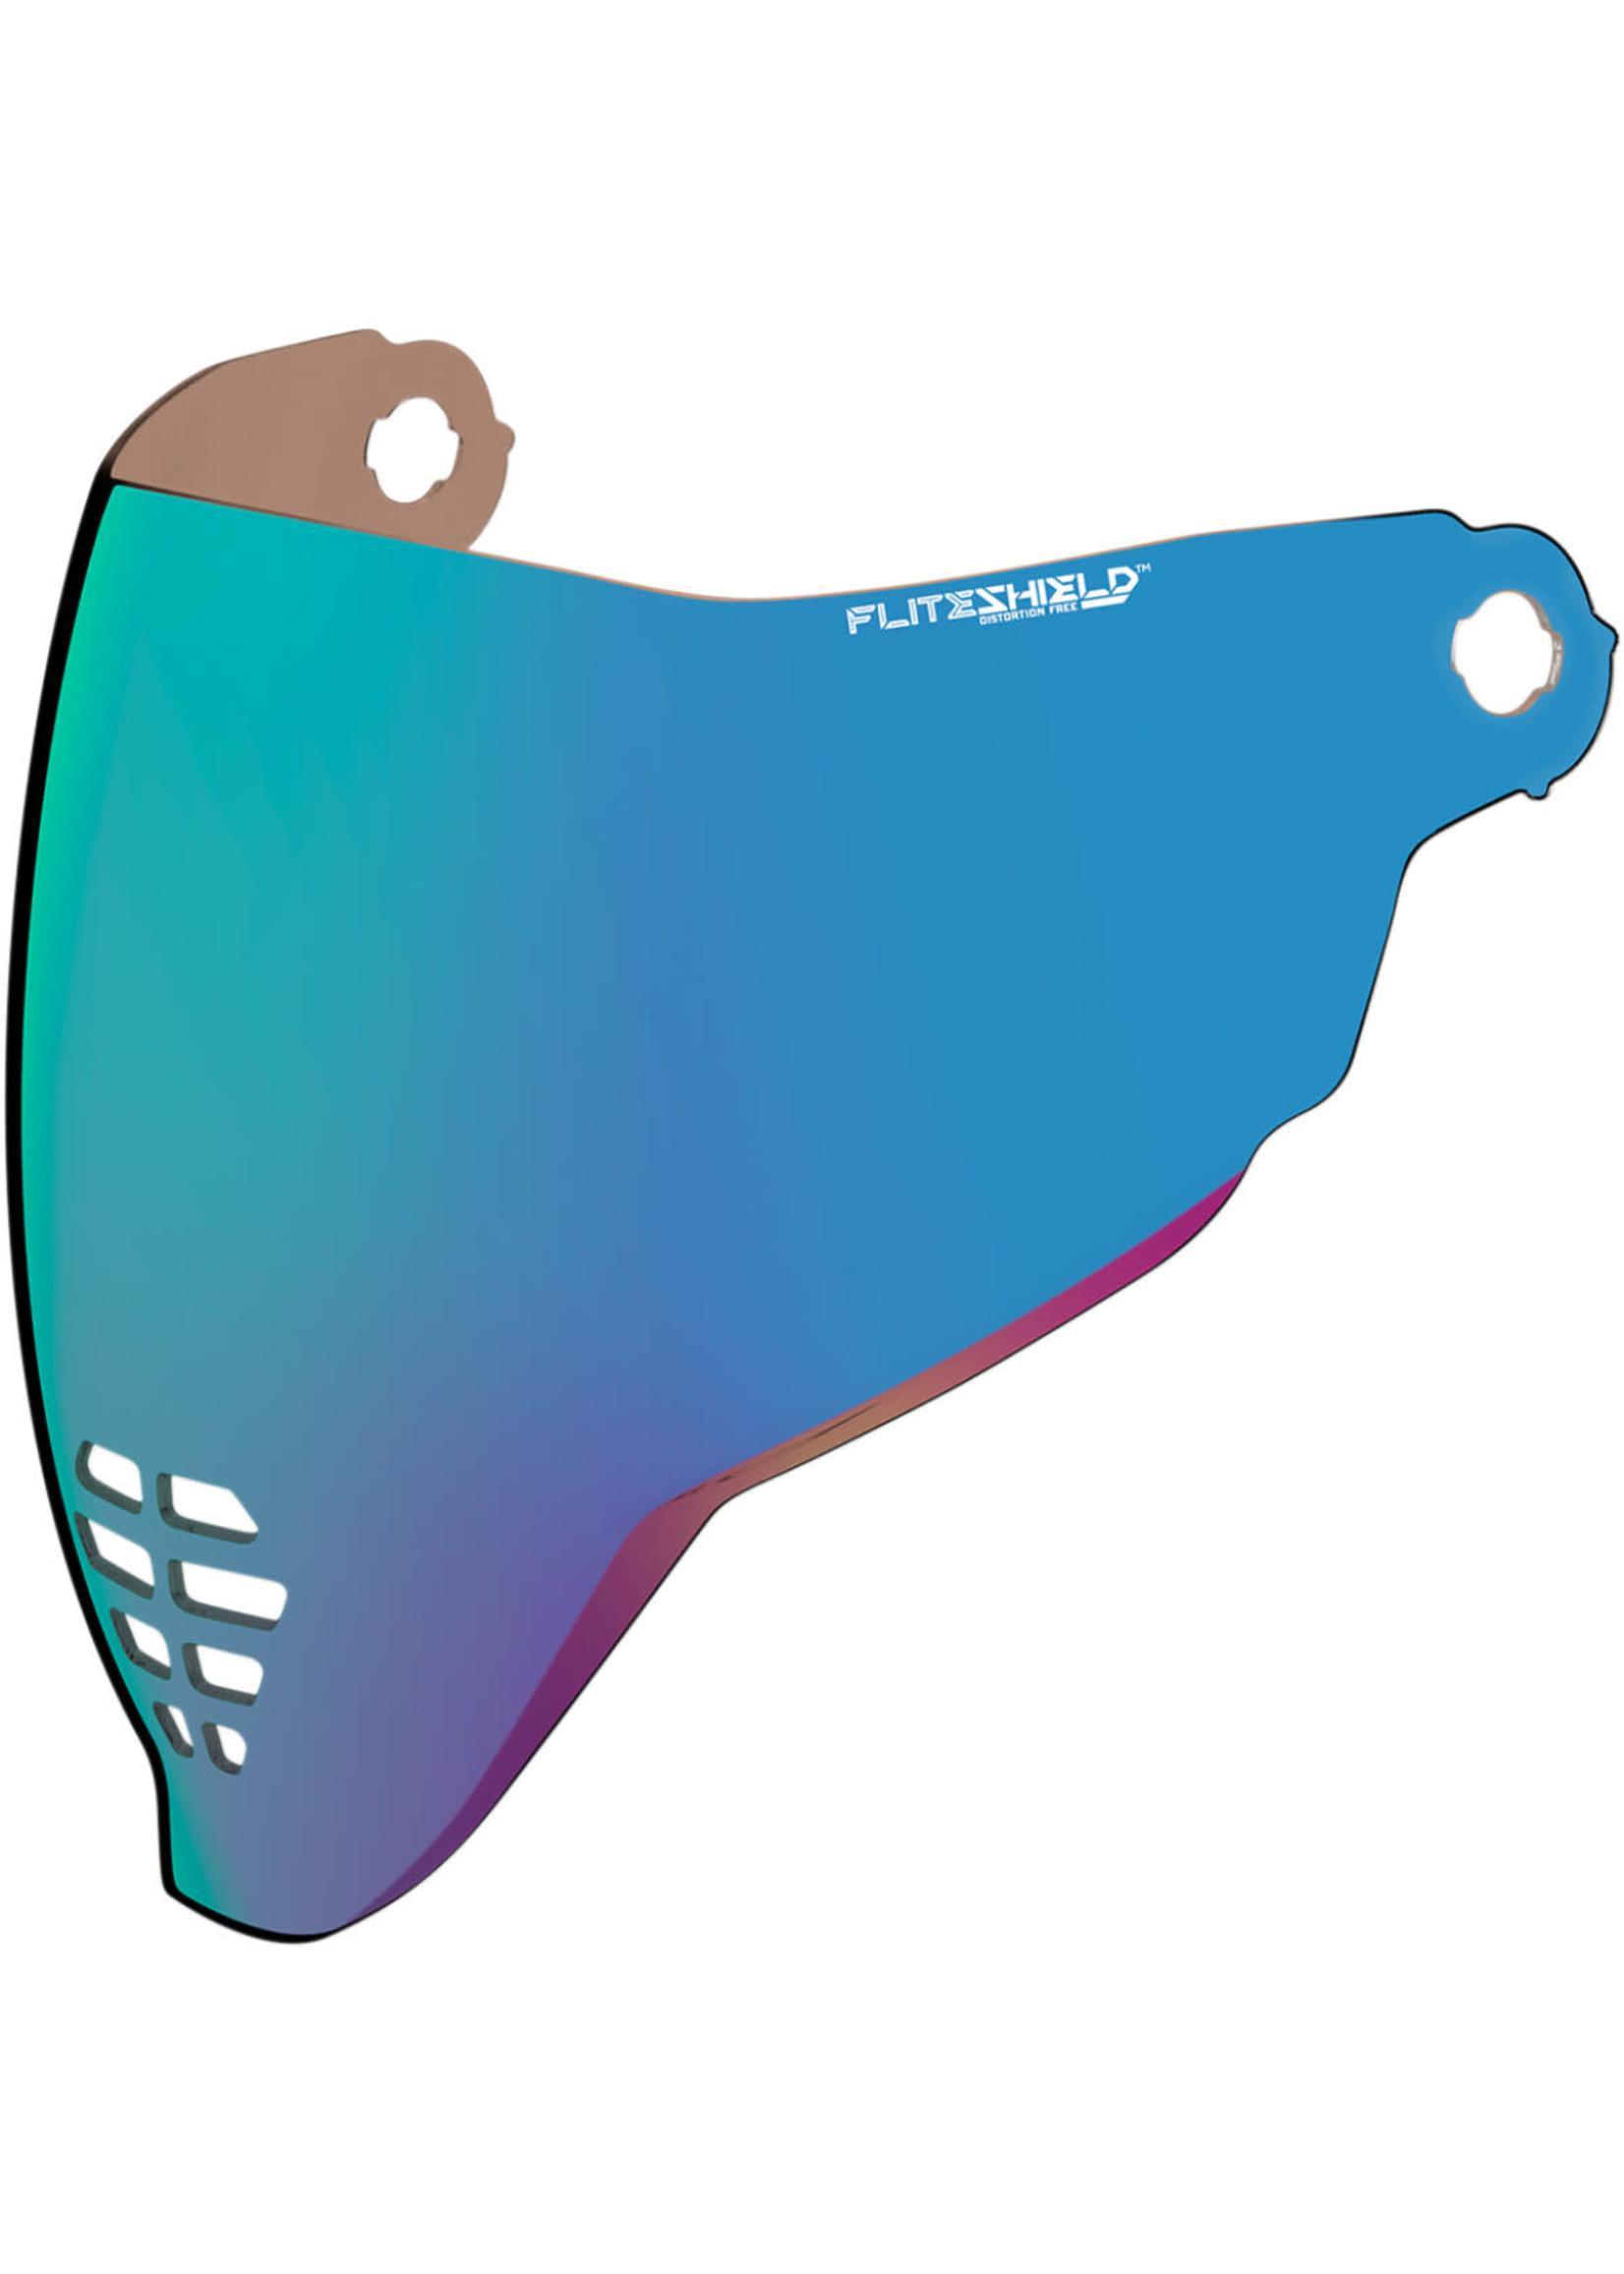 ICON ICON Fliteshield™ Airflite™ Helmet Shield